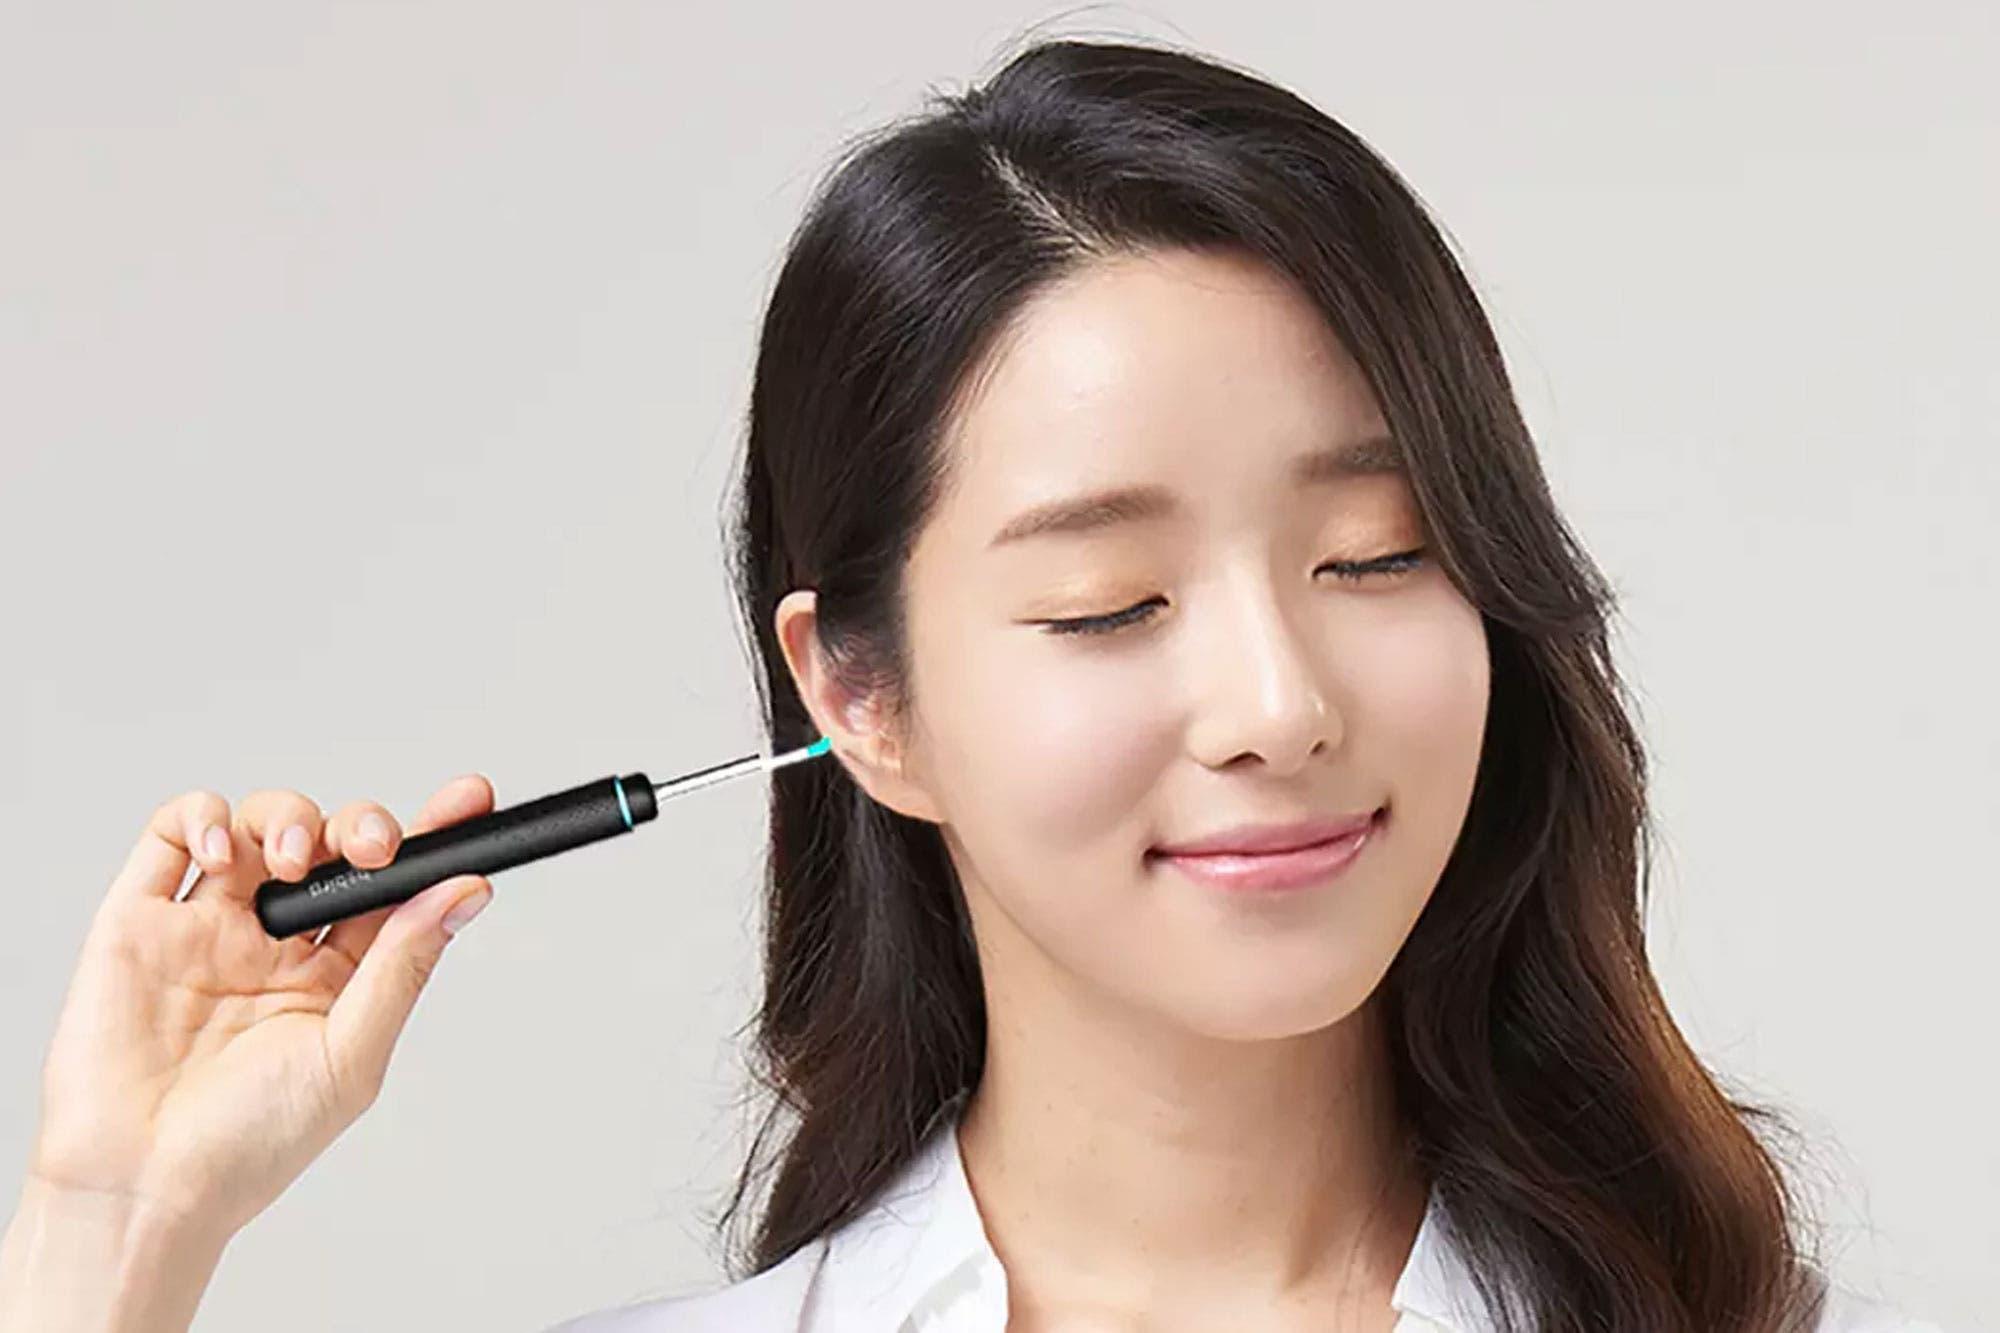 Chau hisopo: este es el BeBird M9 Pro, el limpiador de oídos de Xiaomi con cámara y conexión Wi-Fi